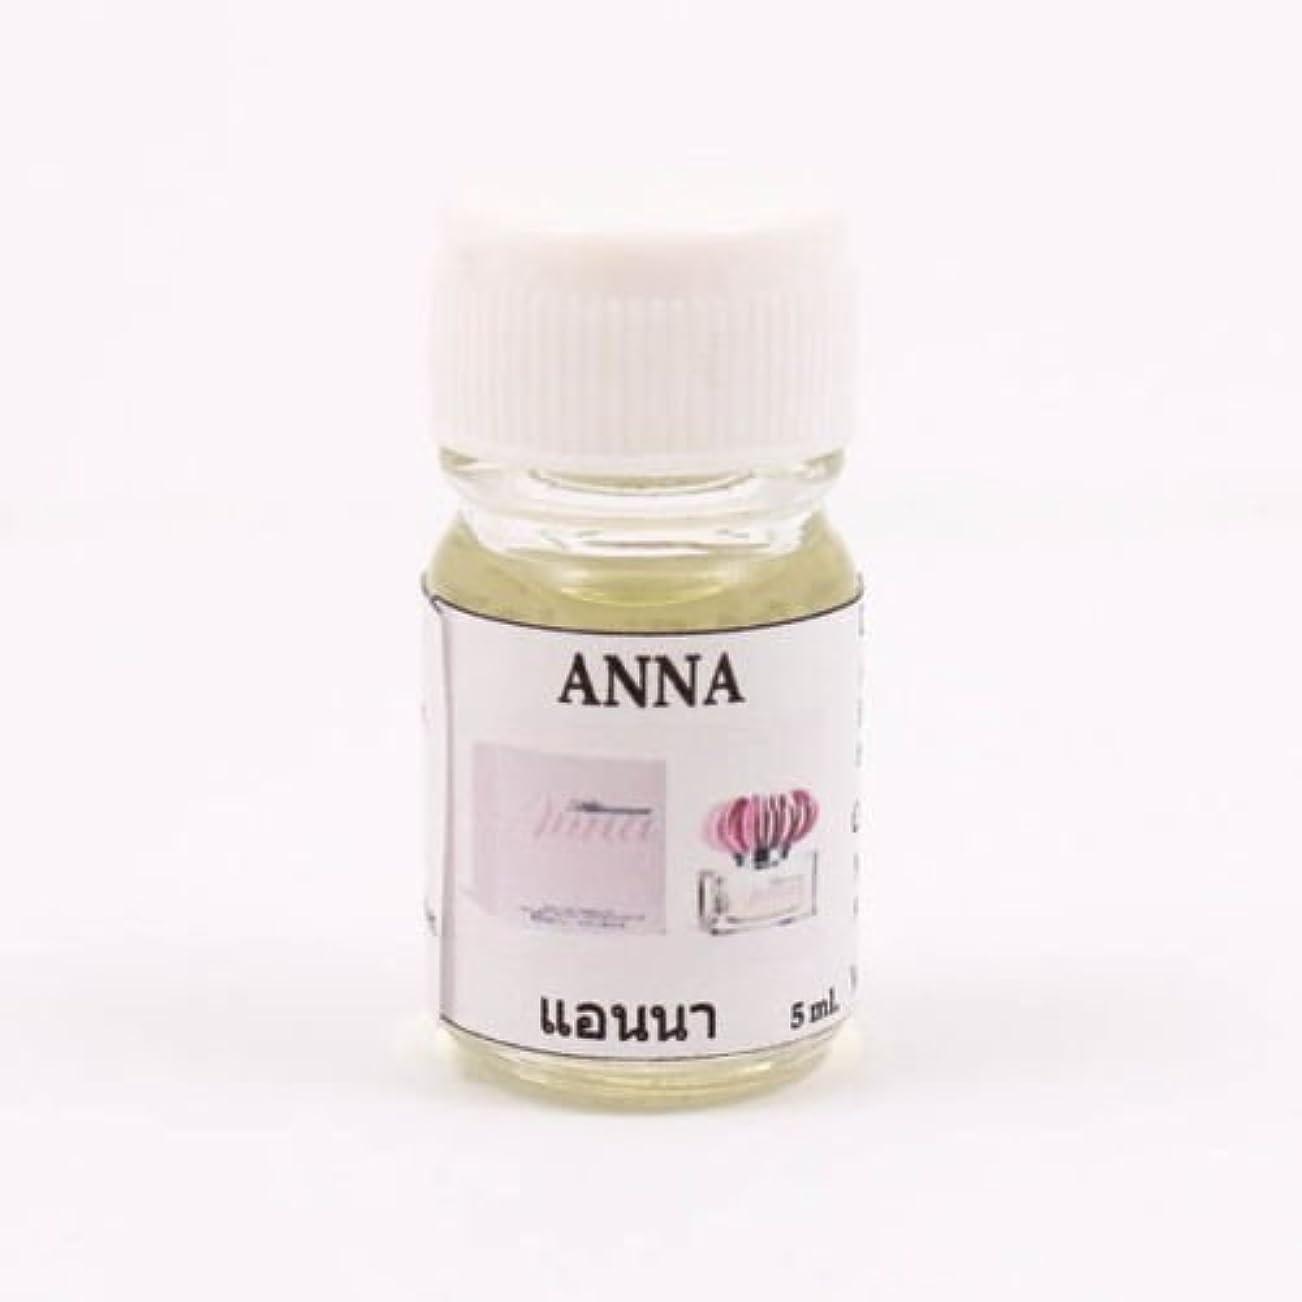 インストラクター郵便物予想する6X Anna Aroma Fragrance Essential Oil 5ML. (cc) Diffuser Burner Therapy